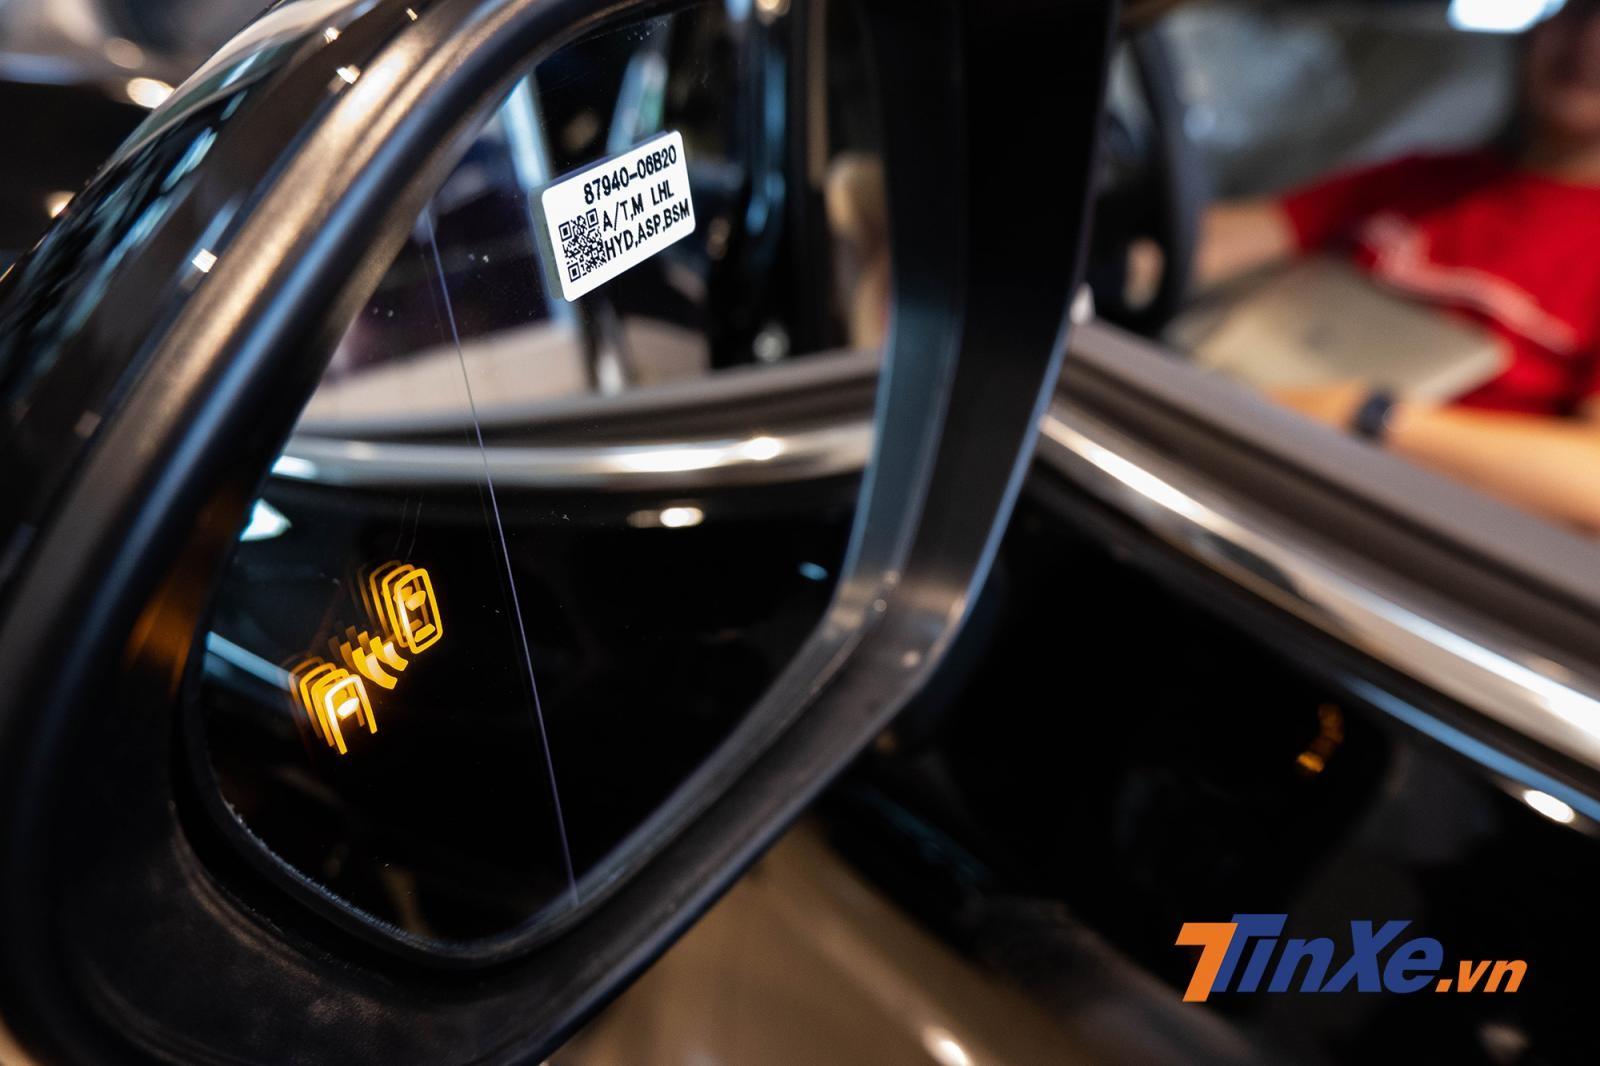 Về tính năng an toàn chủ động, bản 2.5Q chỉ nhỉnh hơn bản 2.0G với cảnh báo điểm mù và cảnh báo phương tiện cắt ngang phía sau